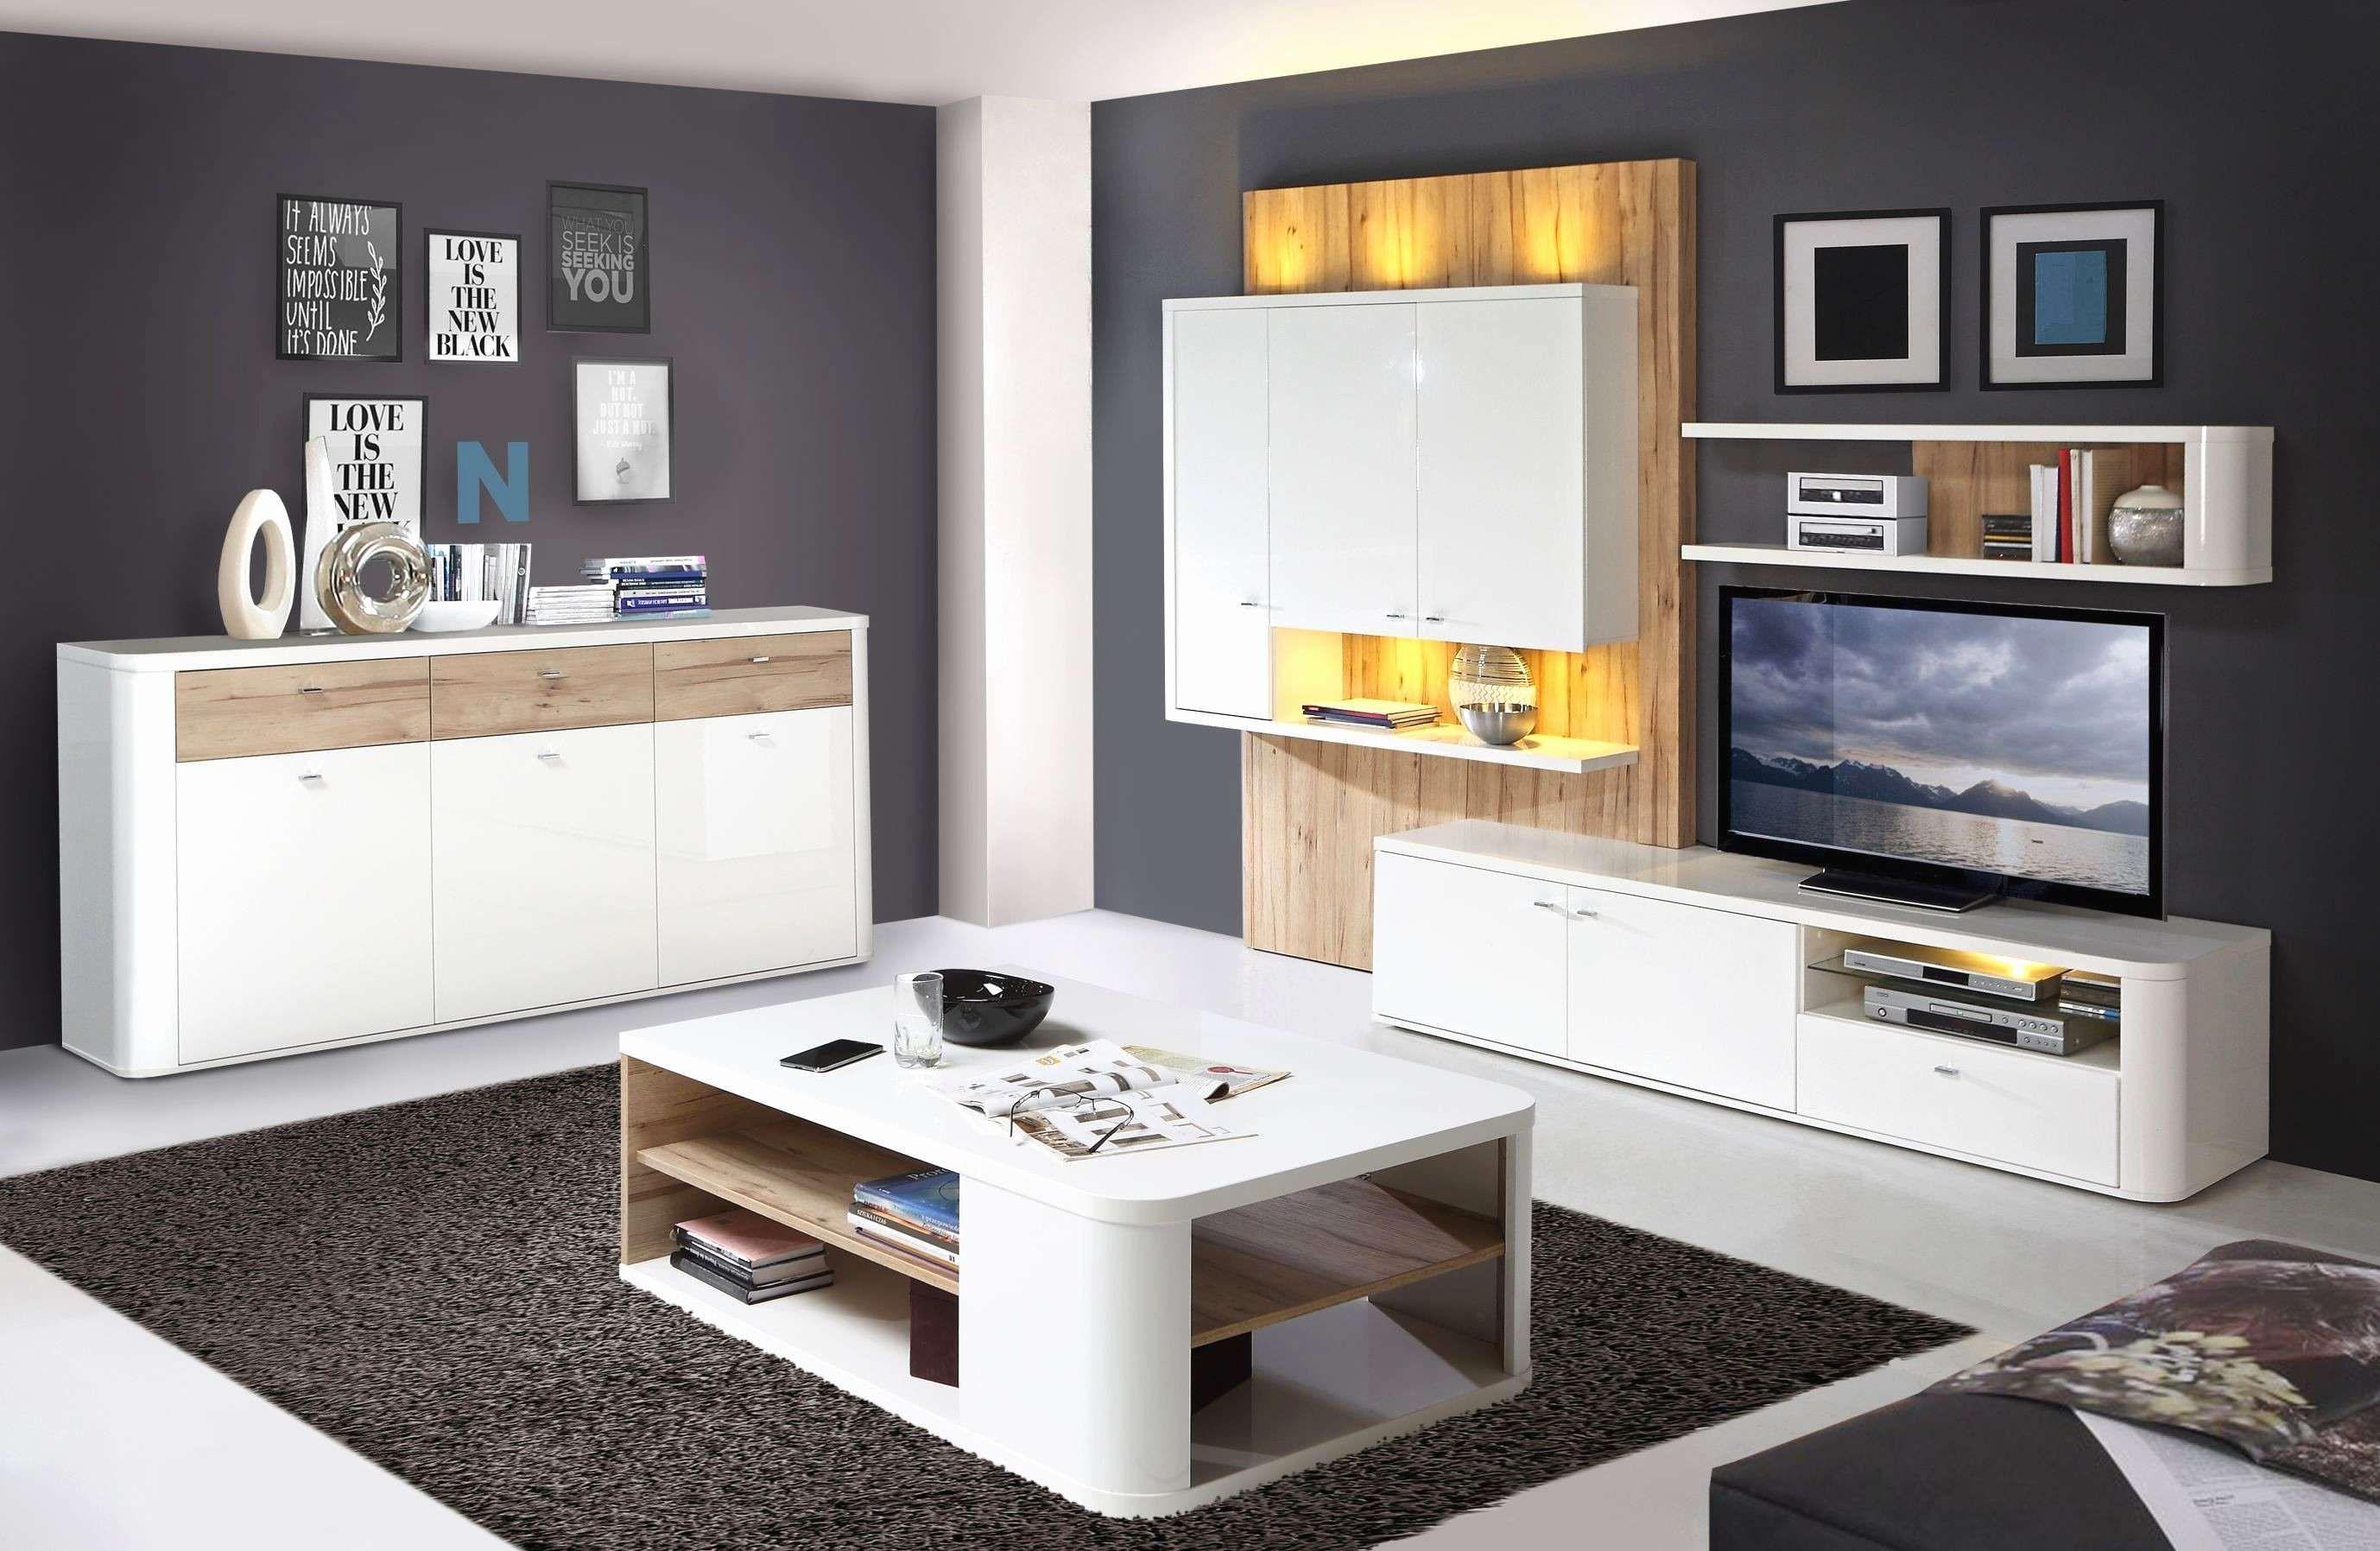 Wohnwand Modern Eiche Wohnwand Eiche Massiv Modern Bilder Wohnwand